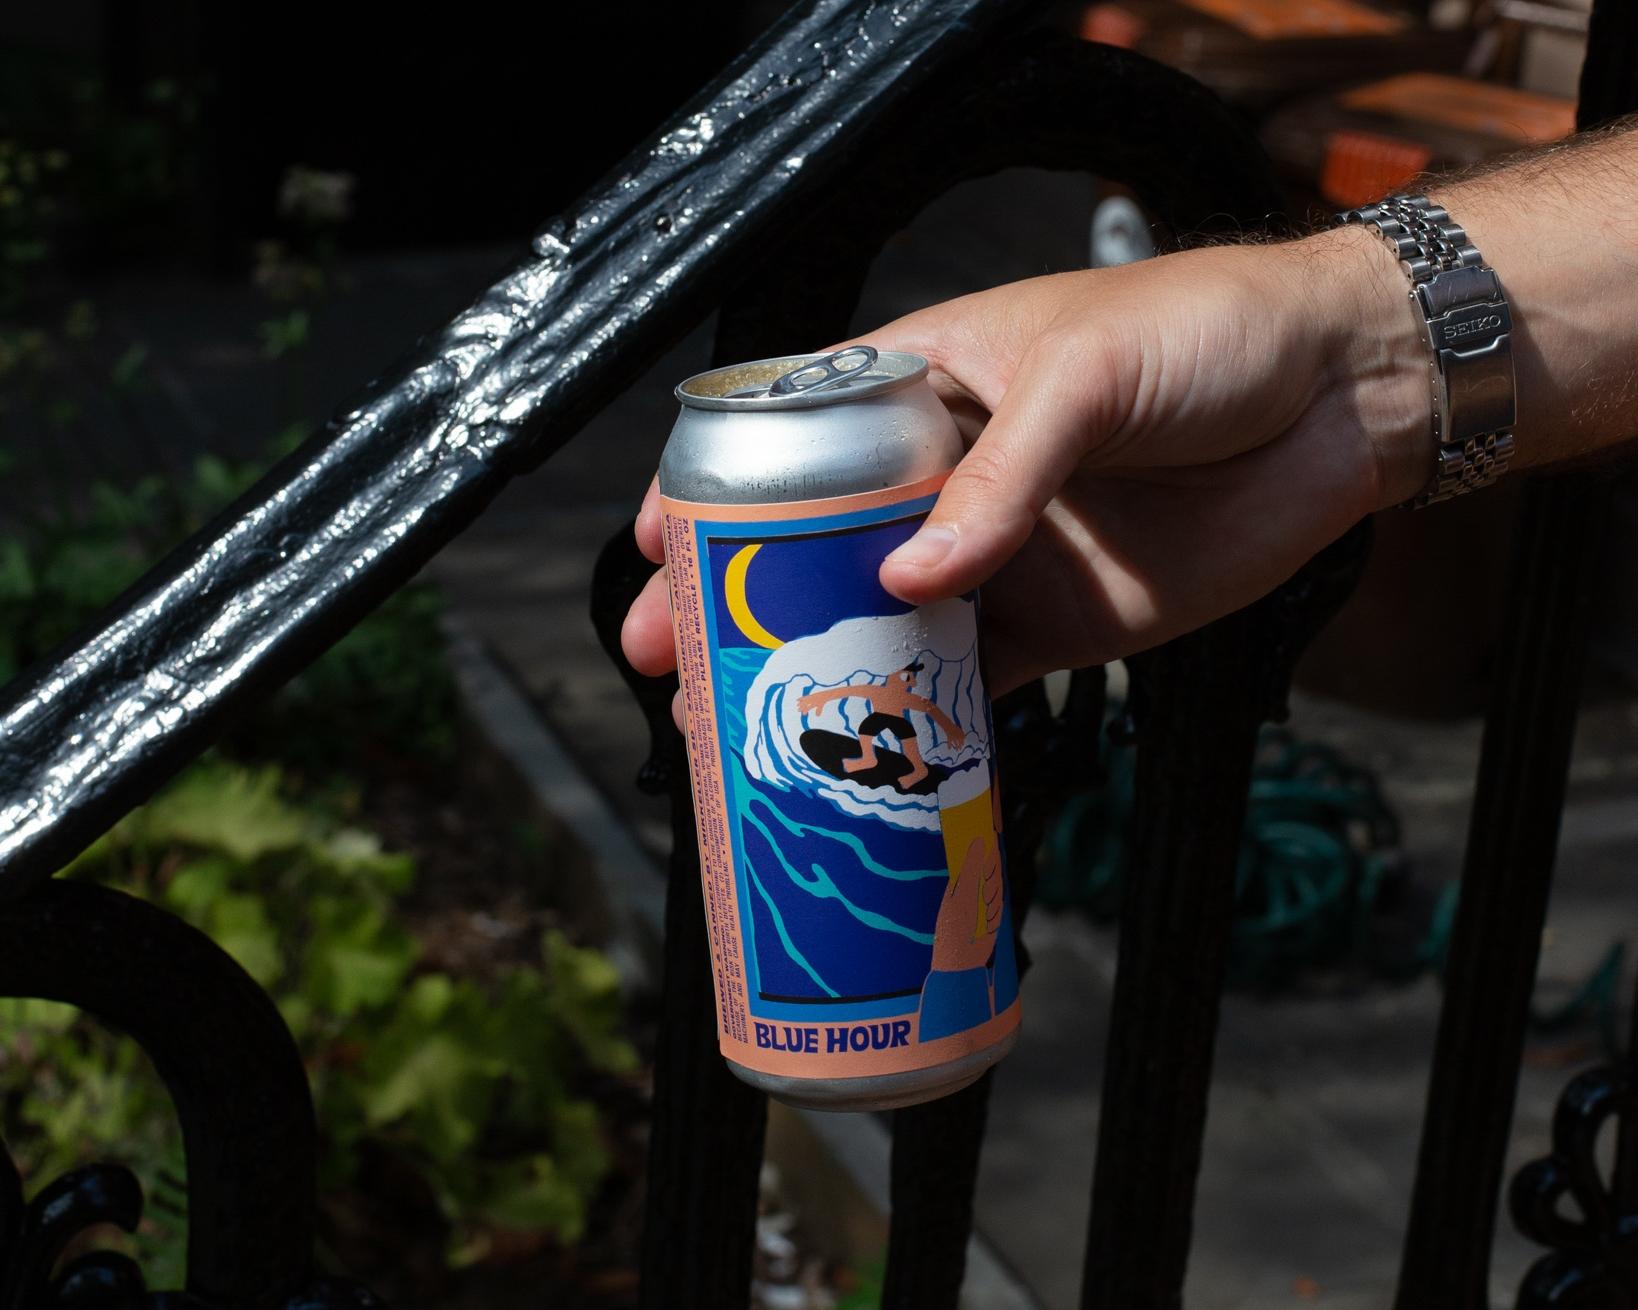 huckberry_mikkeller_beer.jpg